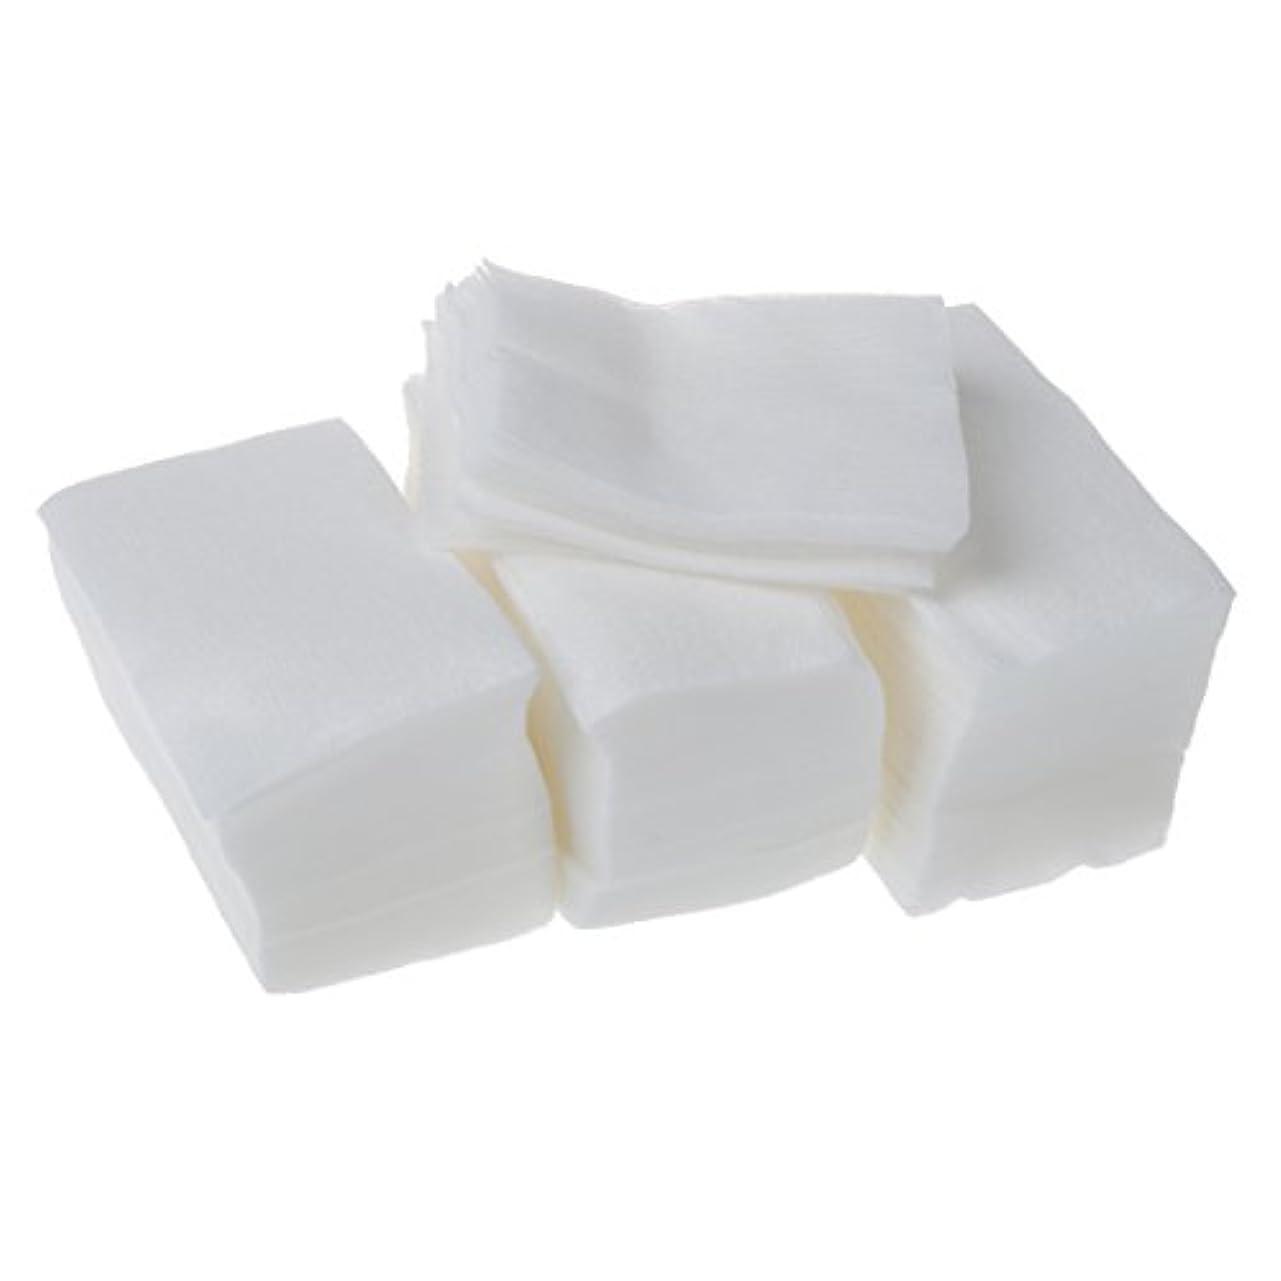 シットコム重要性進行中Gaoominy 320個 レディ ホワイト ネイルポリッシュリムーバ 長方形フェイスクリーニング コットンパッド